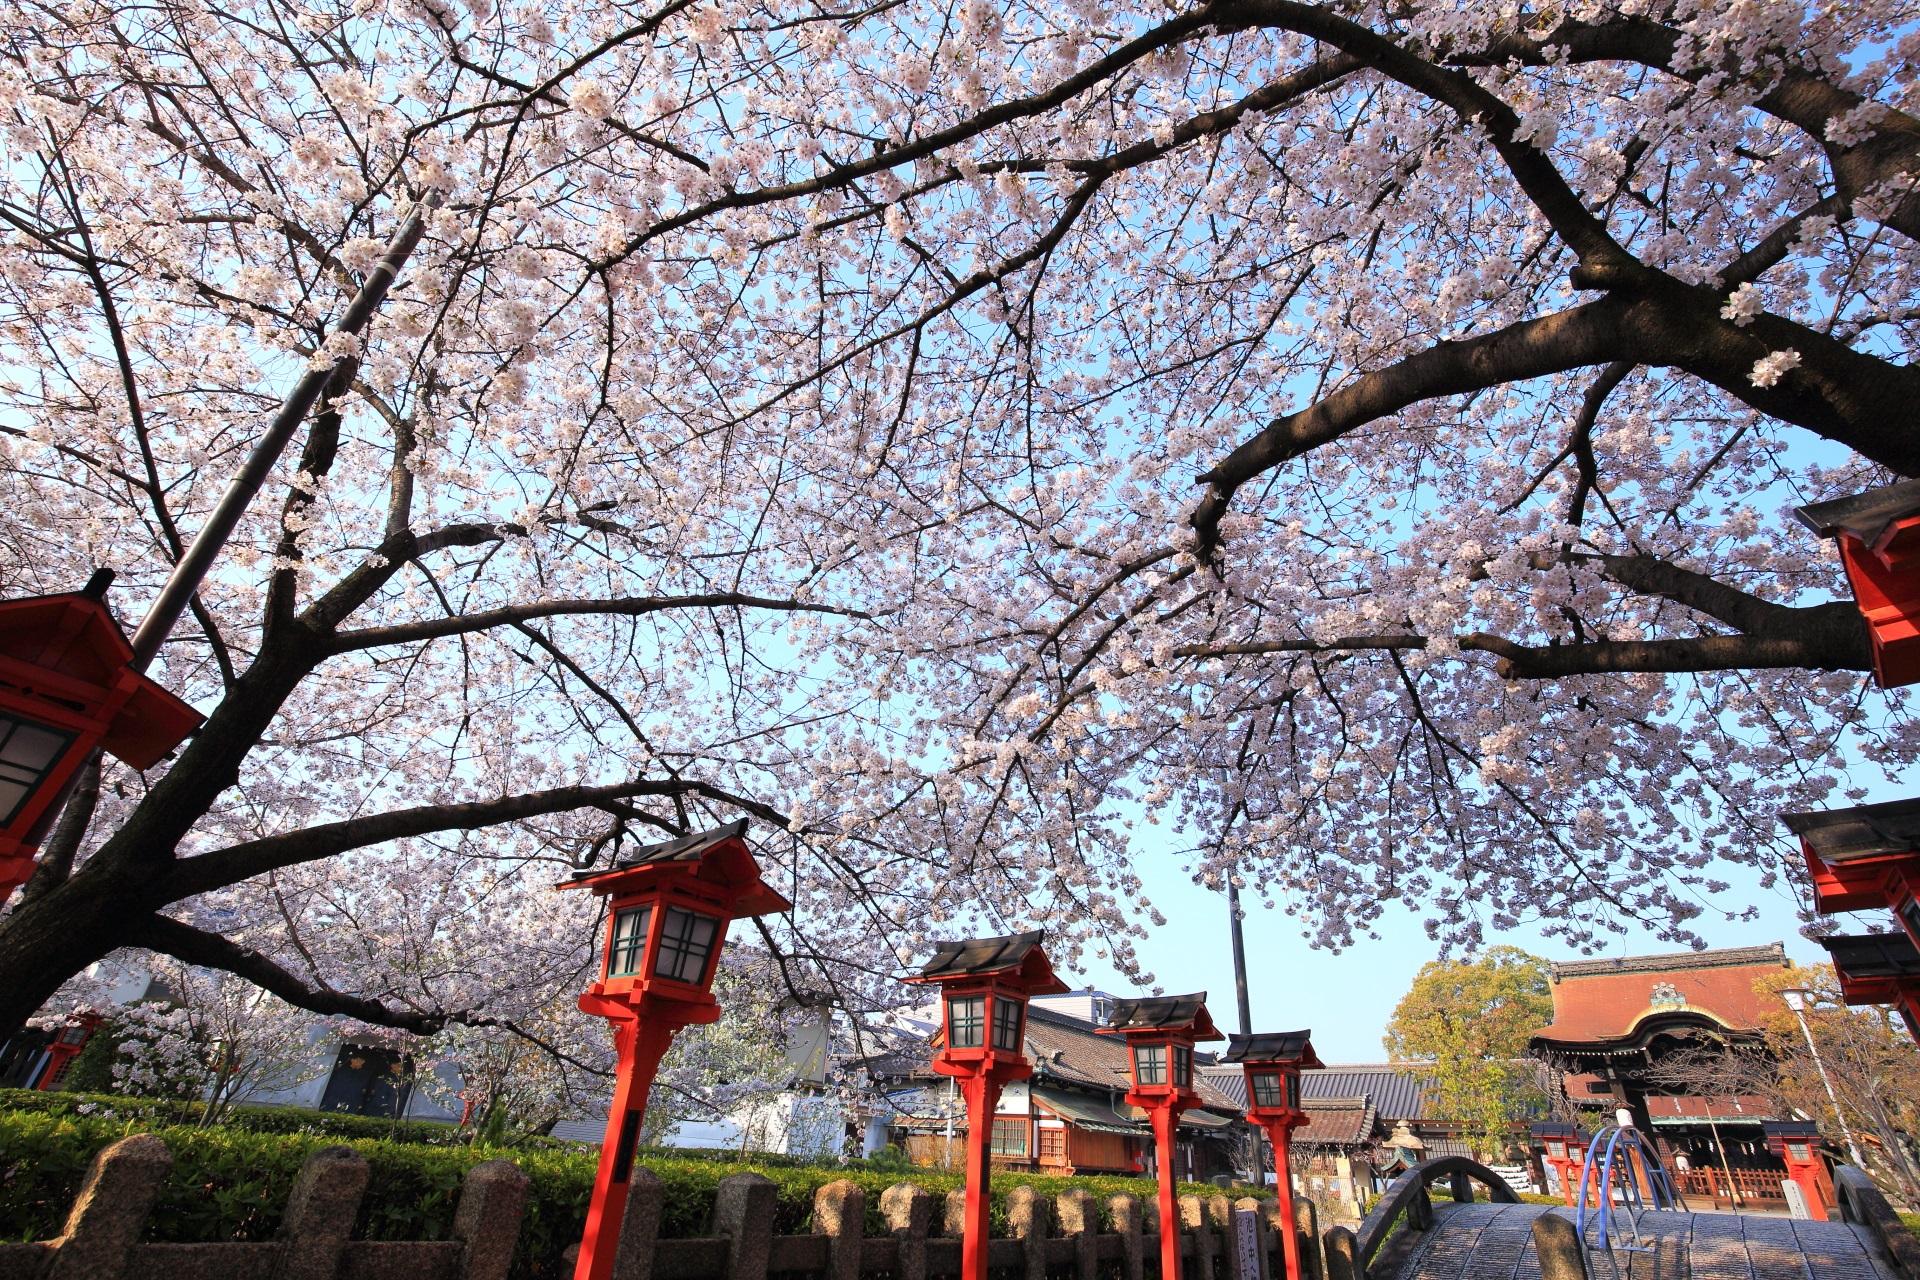 六孫王神社の華やかな桜と見事な枝ぶり